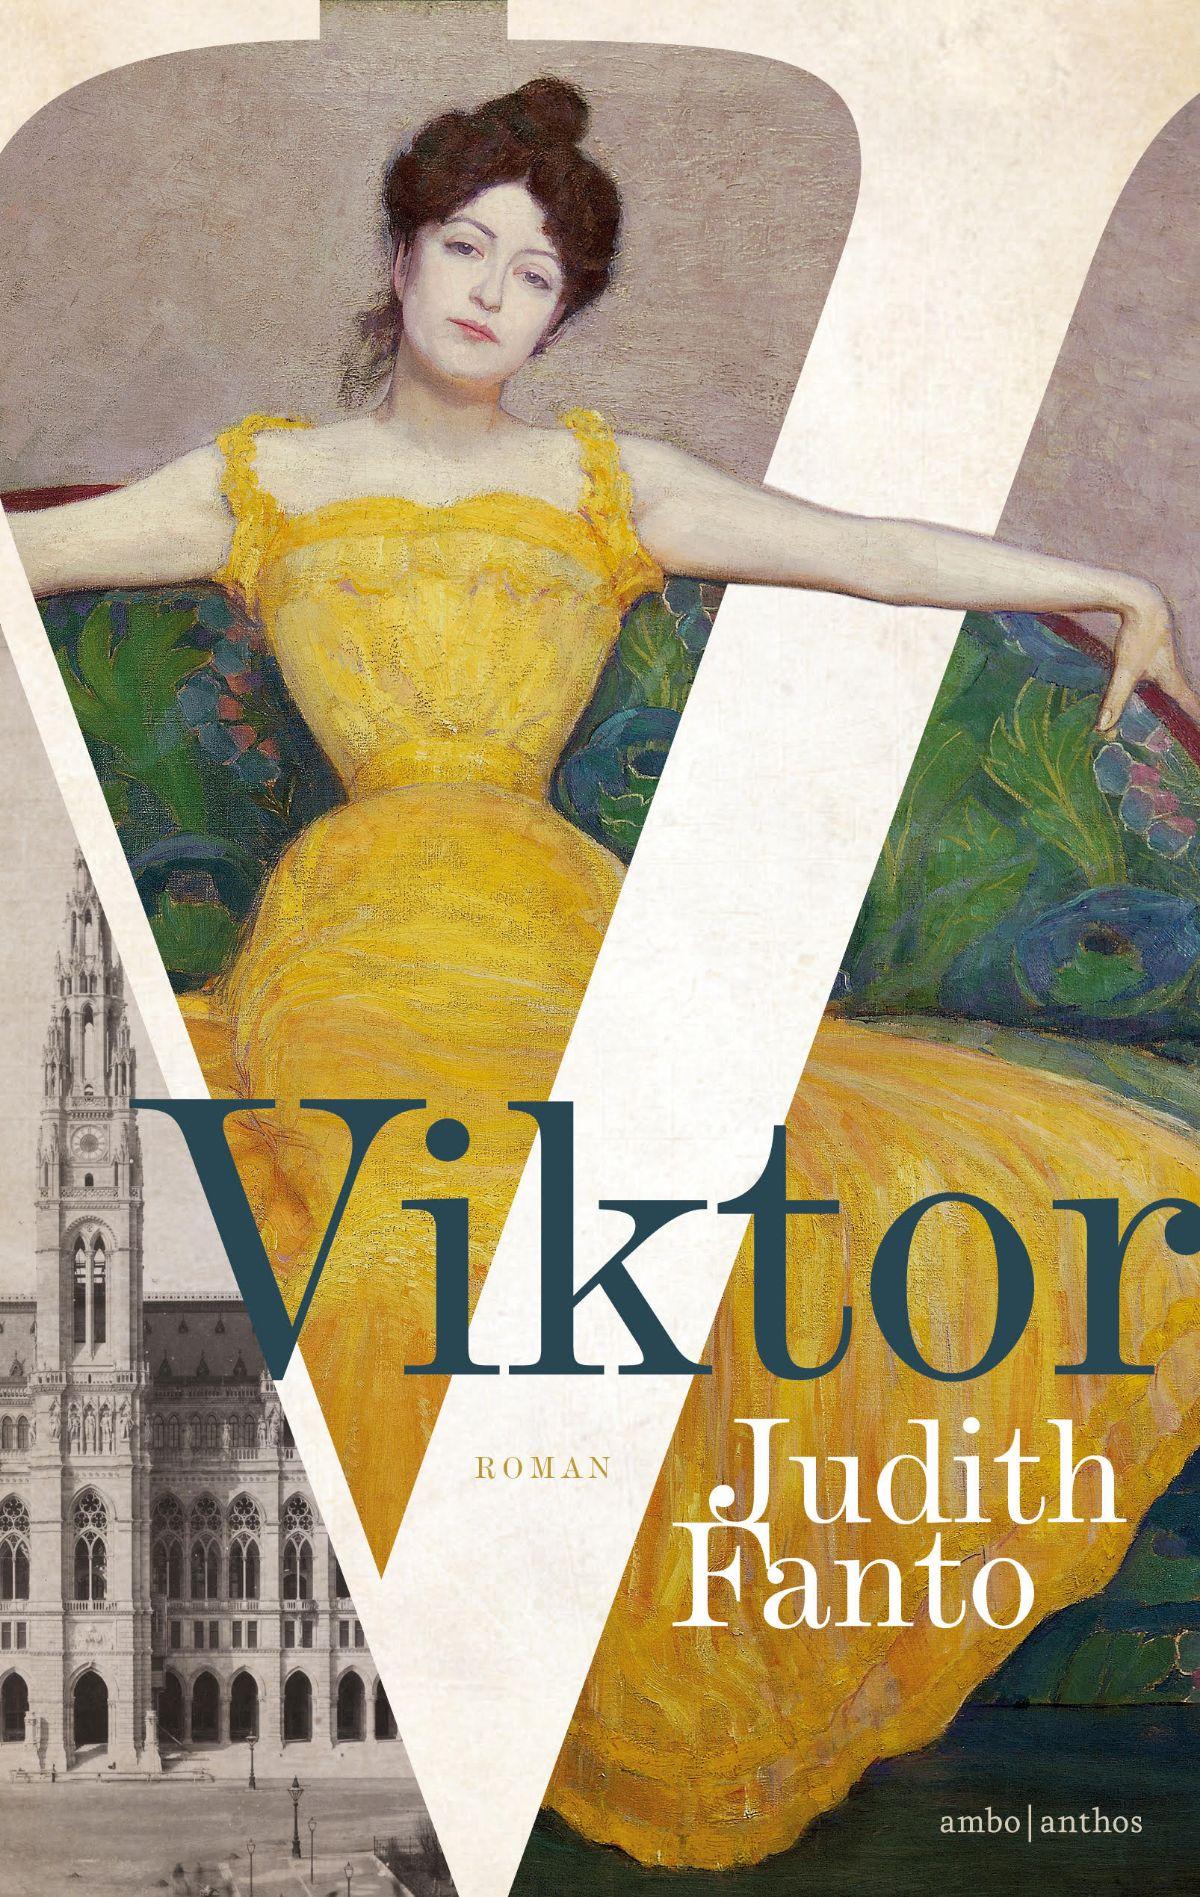 Judith Fanto Viktor cover